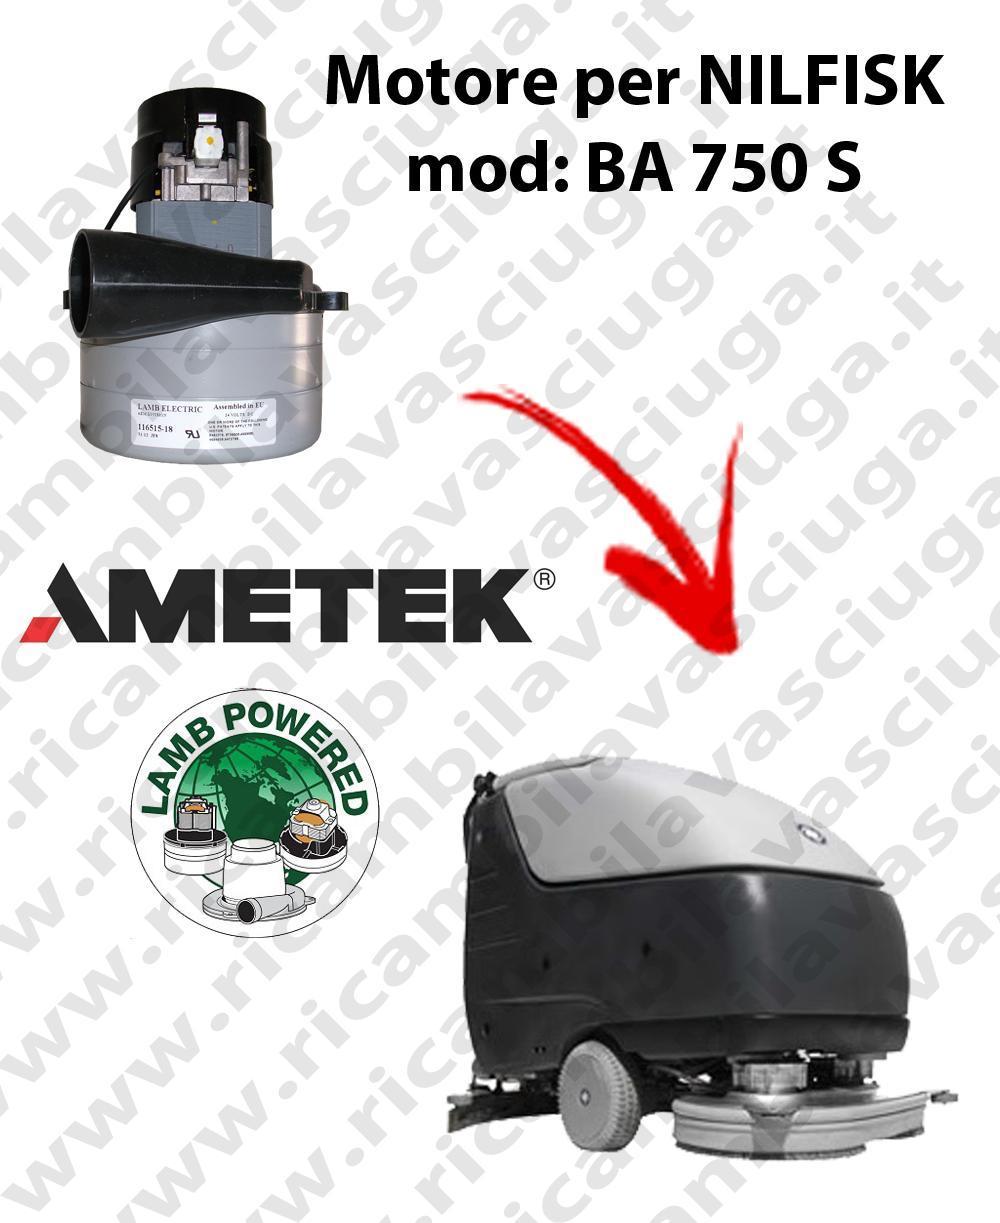 BA 750 S Saugmotor LAMB AMETEK für scheuersaugmaschinen NILFISK